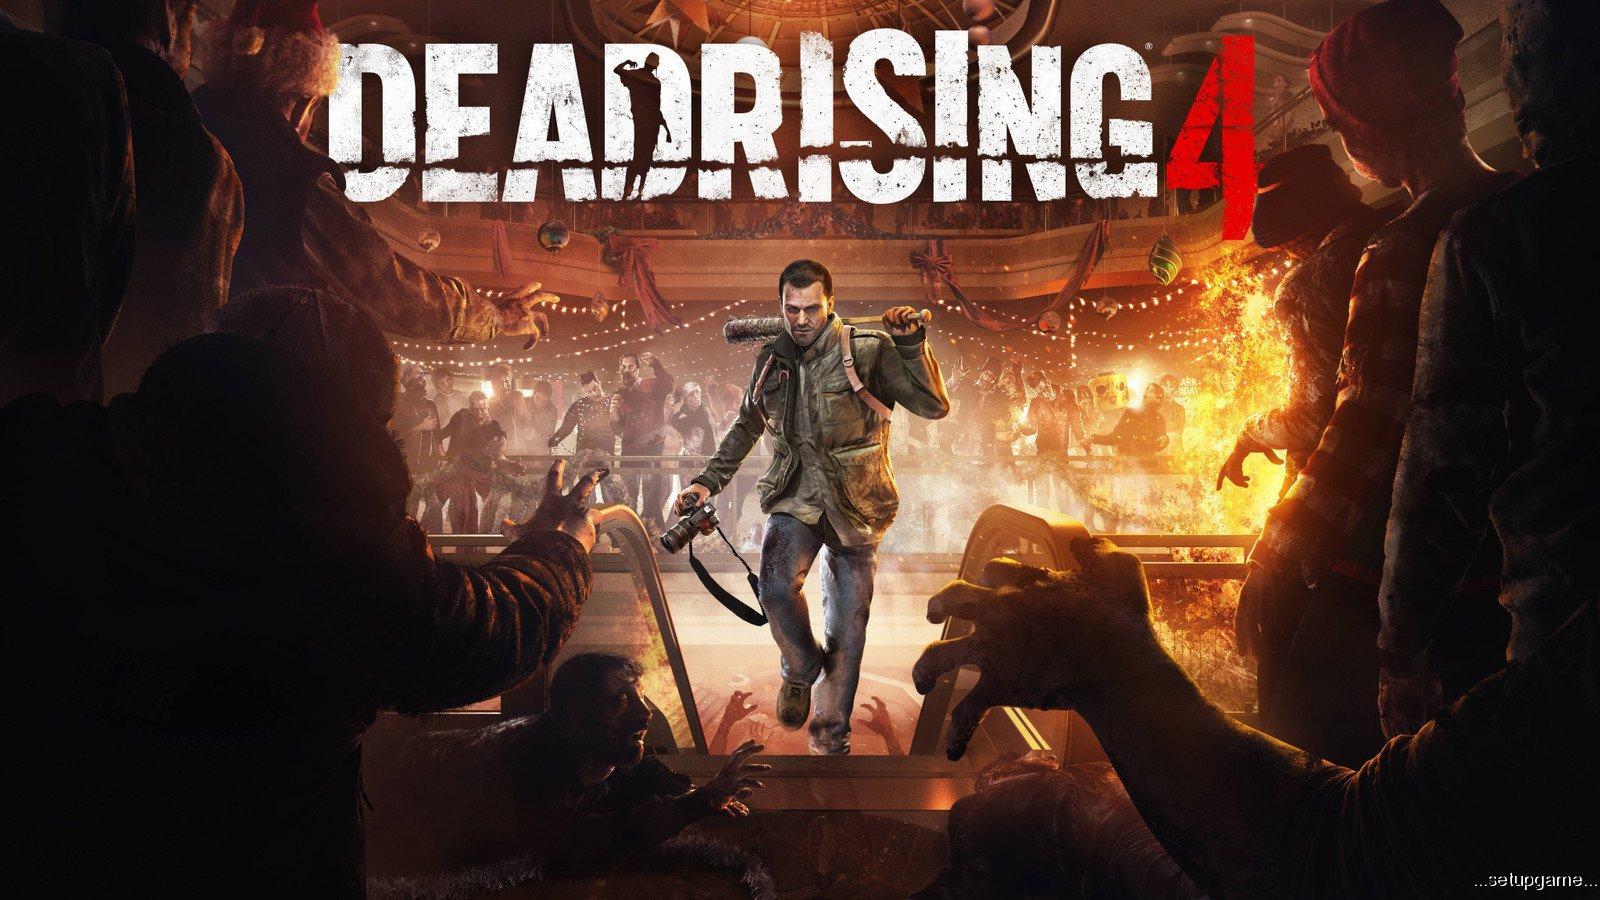 تاریخ انتشار عنوان Dead Rising 4 بر روی شبکهی استیم مشخص شد